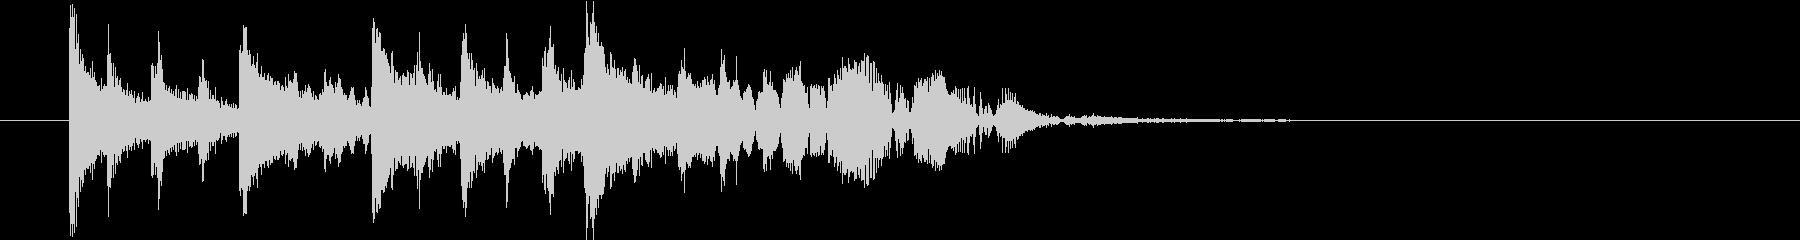 【ジングル】ほのぼのした木琴の曲の未再生の波形